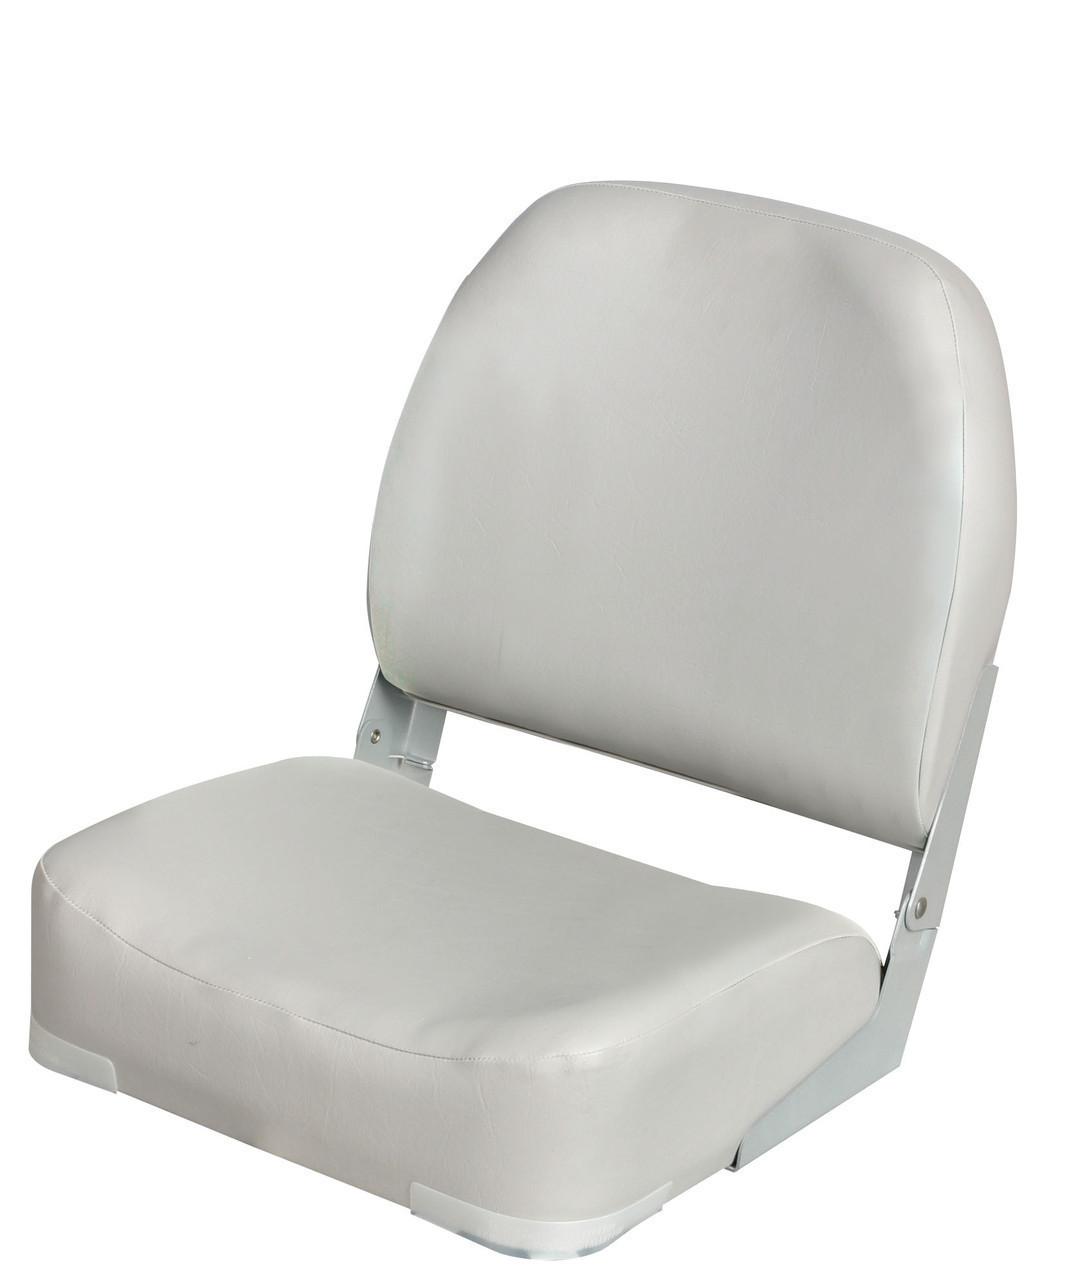 Сидіння для човни, катери Fishing біле, сіре 86203W, G